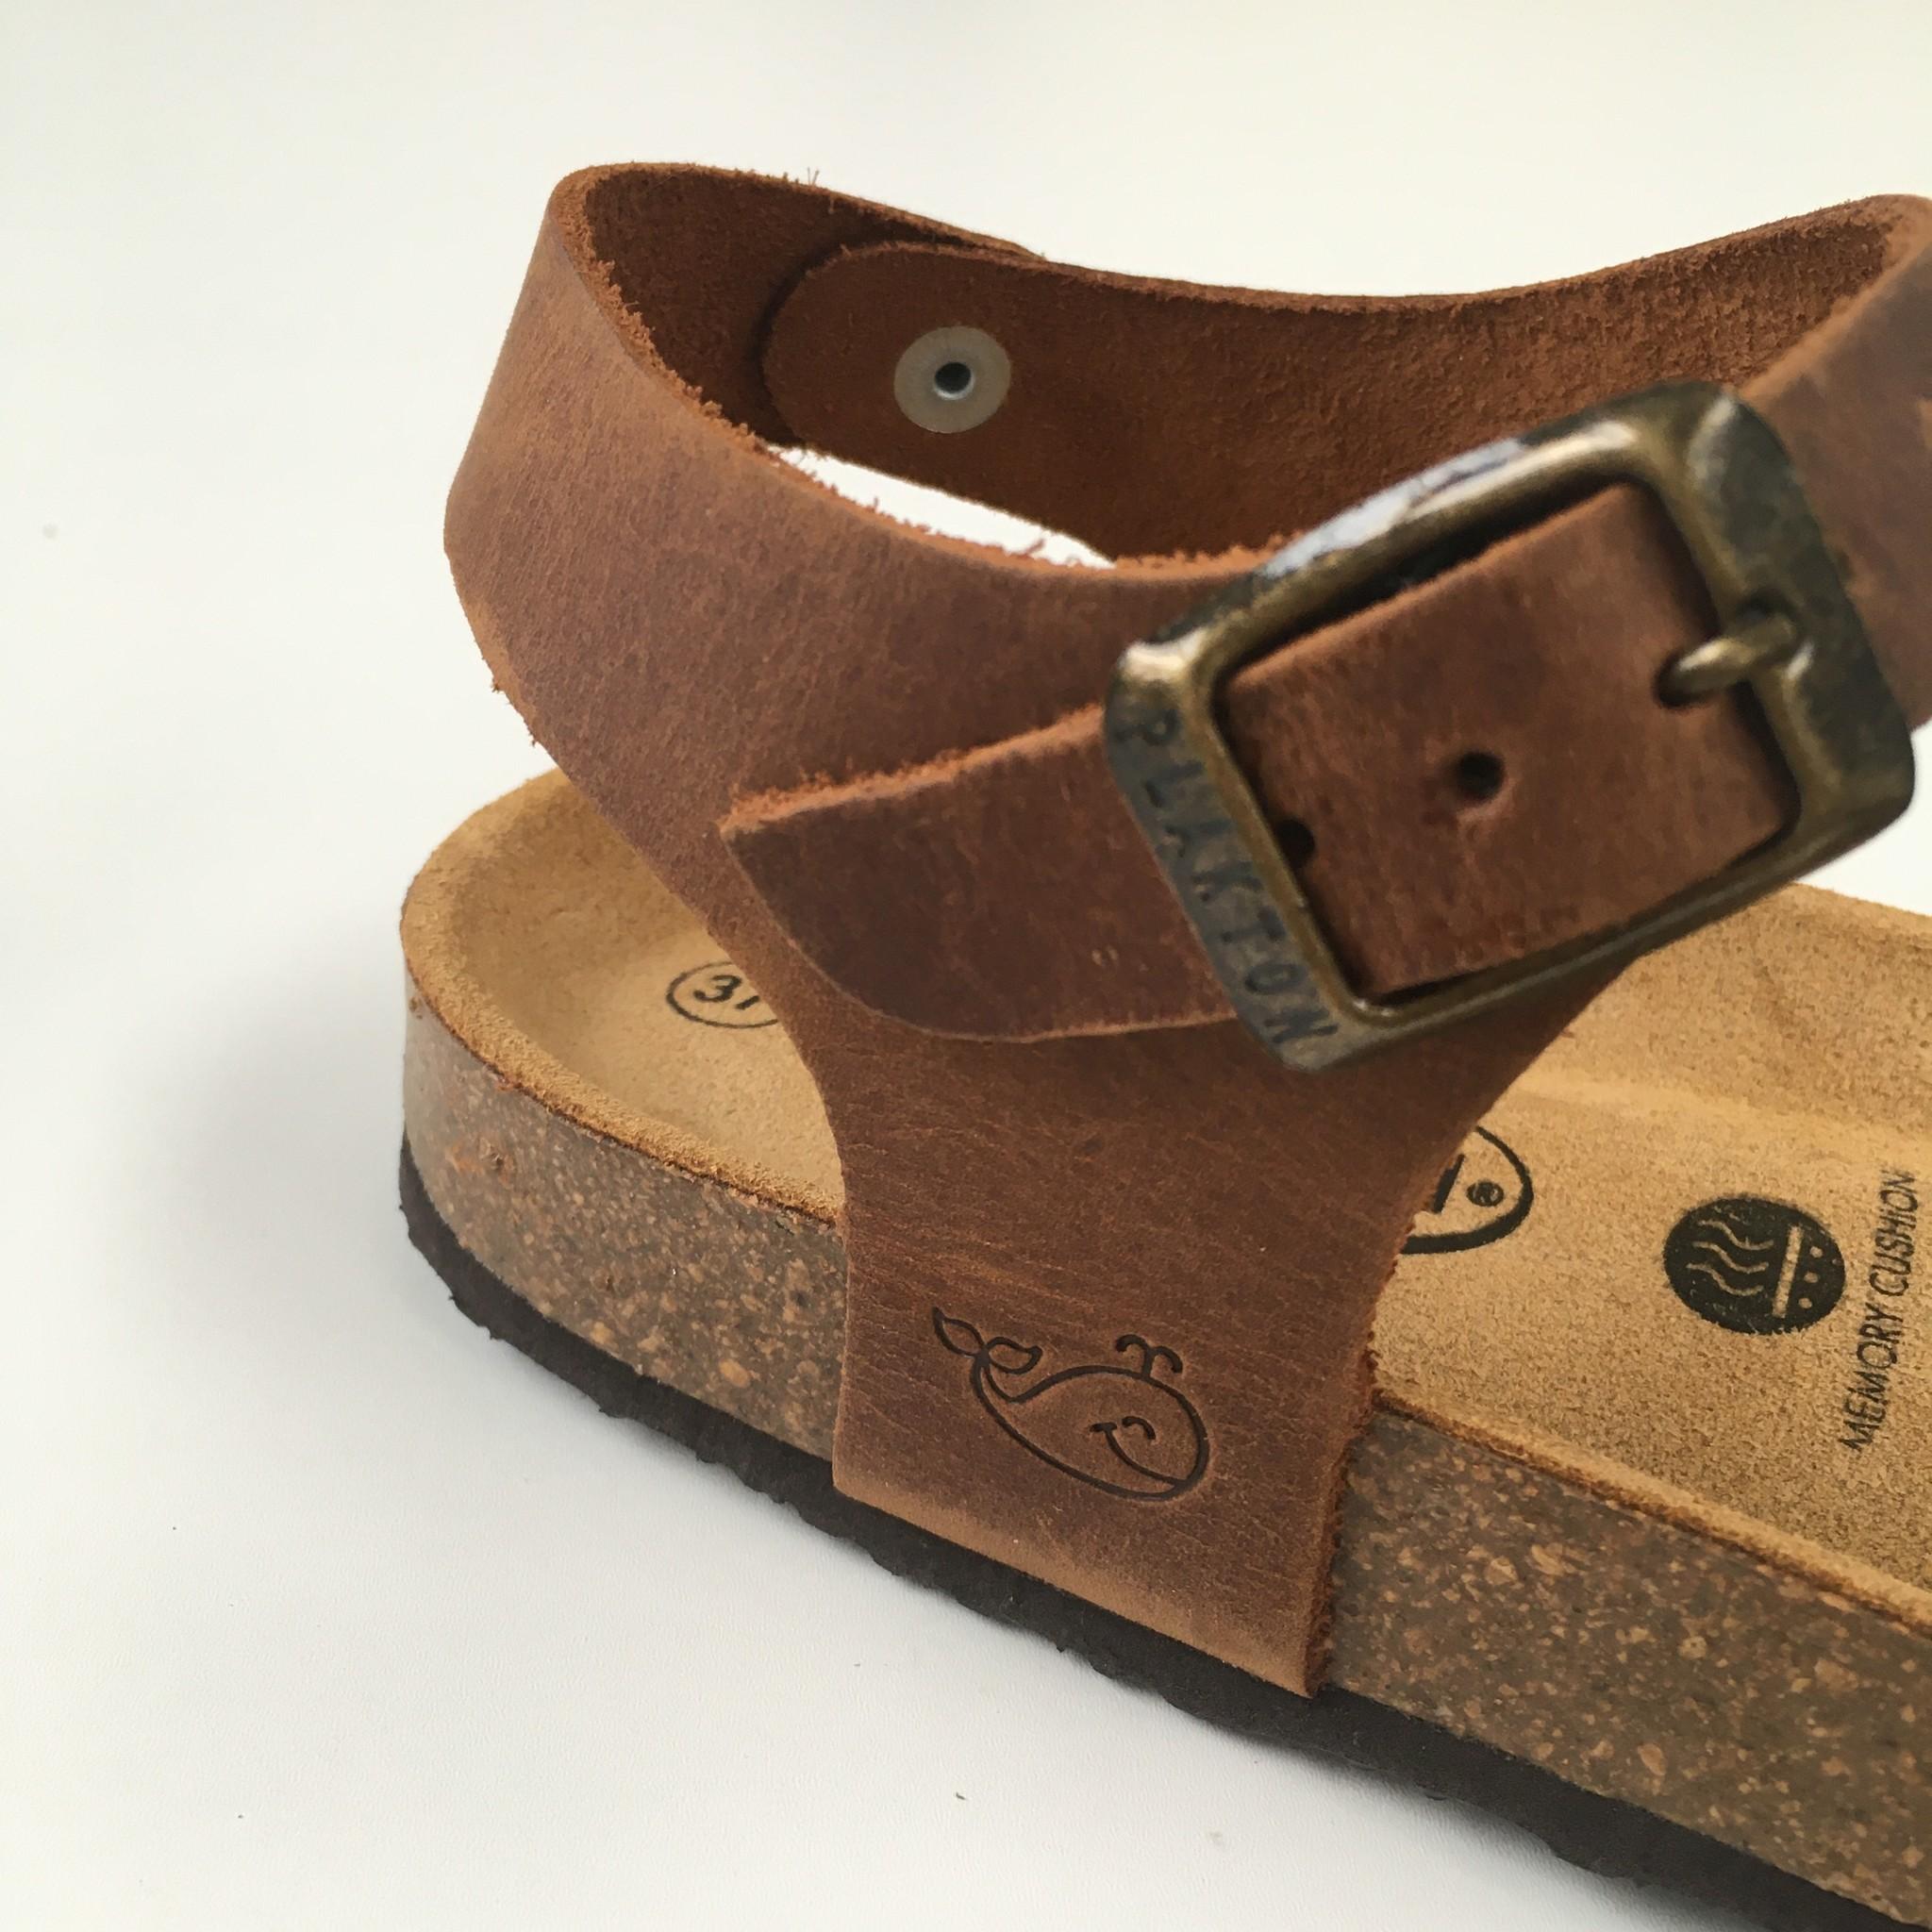 PLAKTON SANDALS leren kurk sandaal LOUIS teens & dames - opgeruwd leer mat - natuur bruin - 35 tm 40